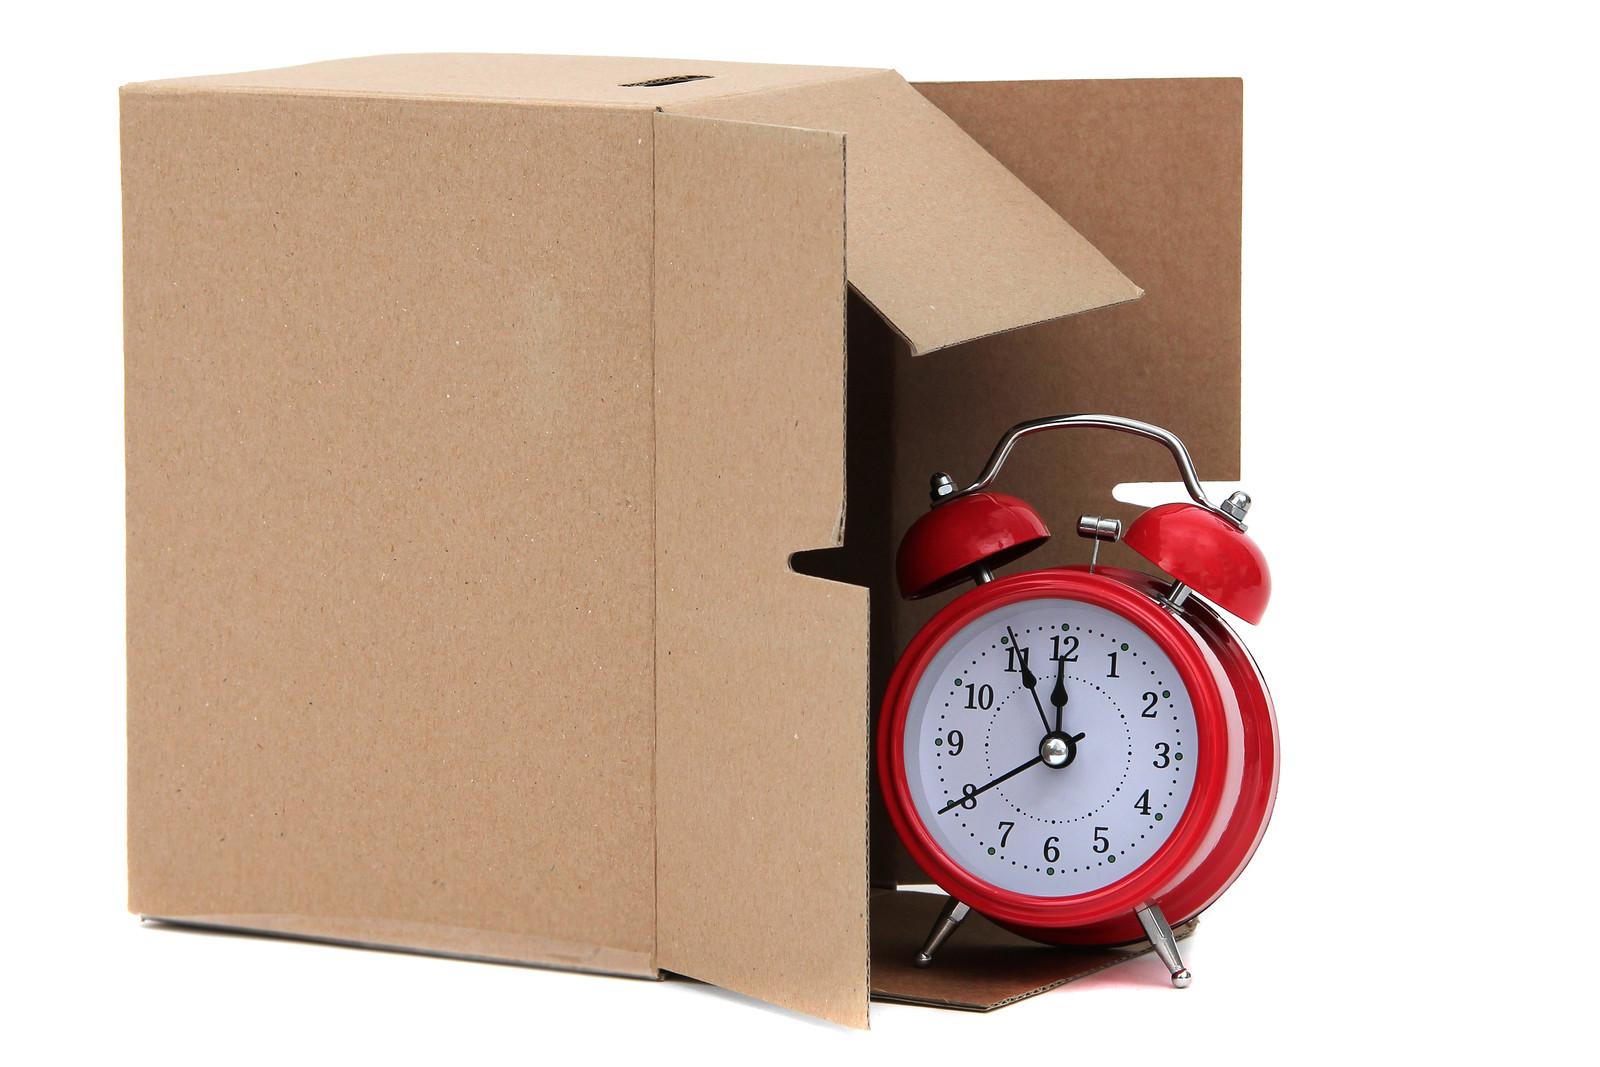 zeit sparen beim umzug mit diesen 7 tipps. Black Bedroom Furniture Sets. Home Design Ideas